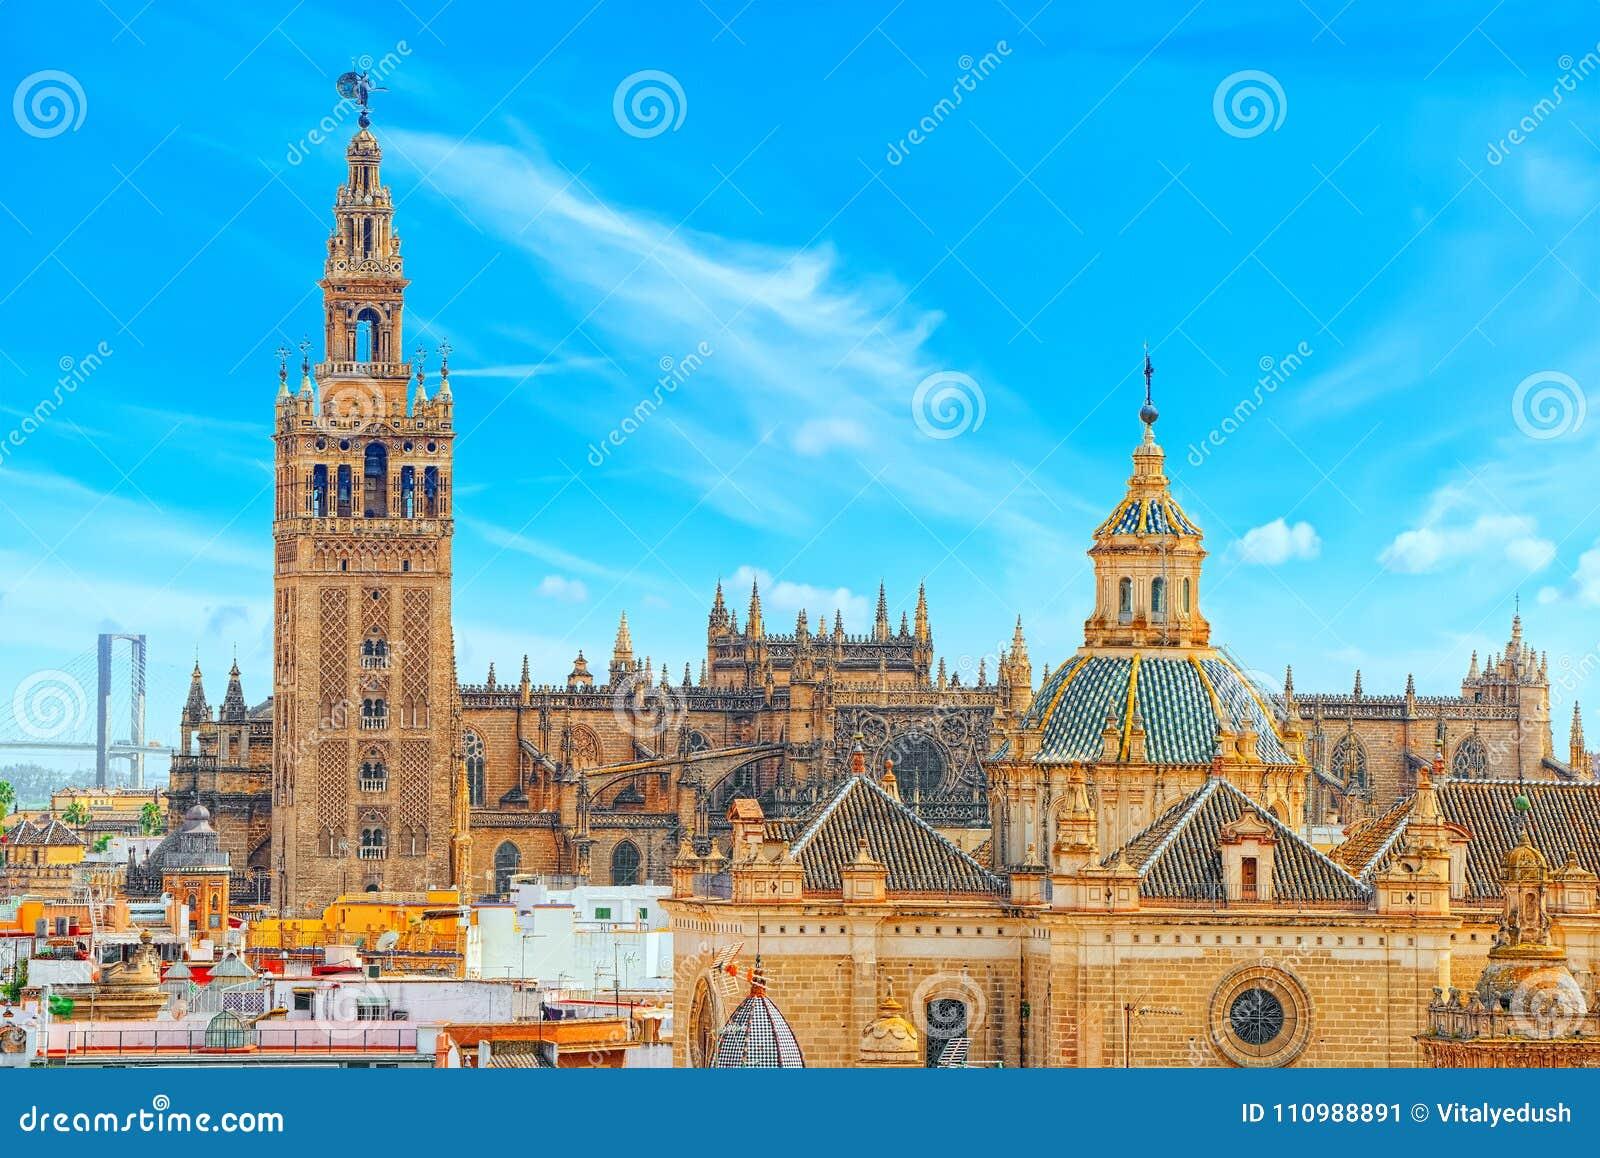 Seville Catedral De Santa Maria de Katedralny los angeles Sede de Sevilla